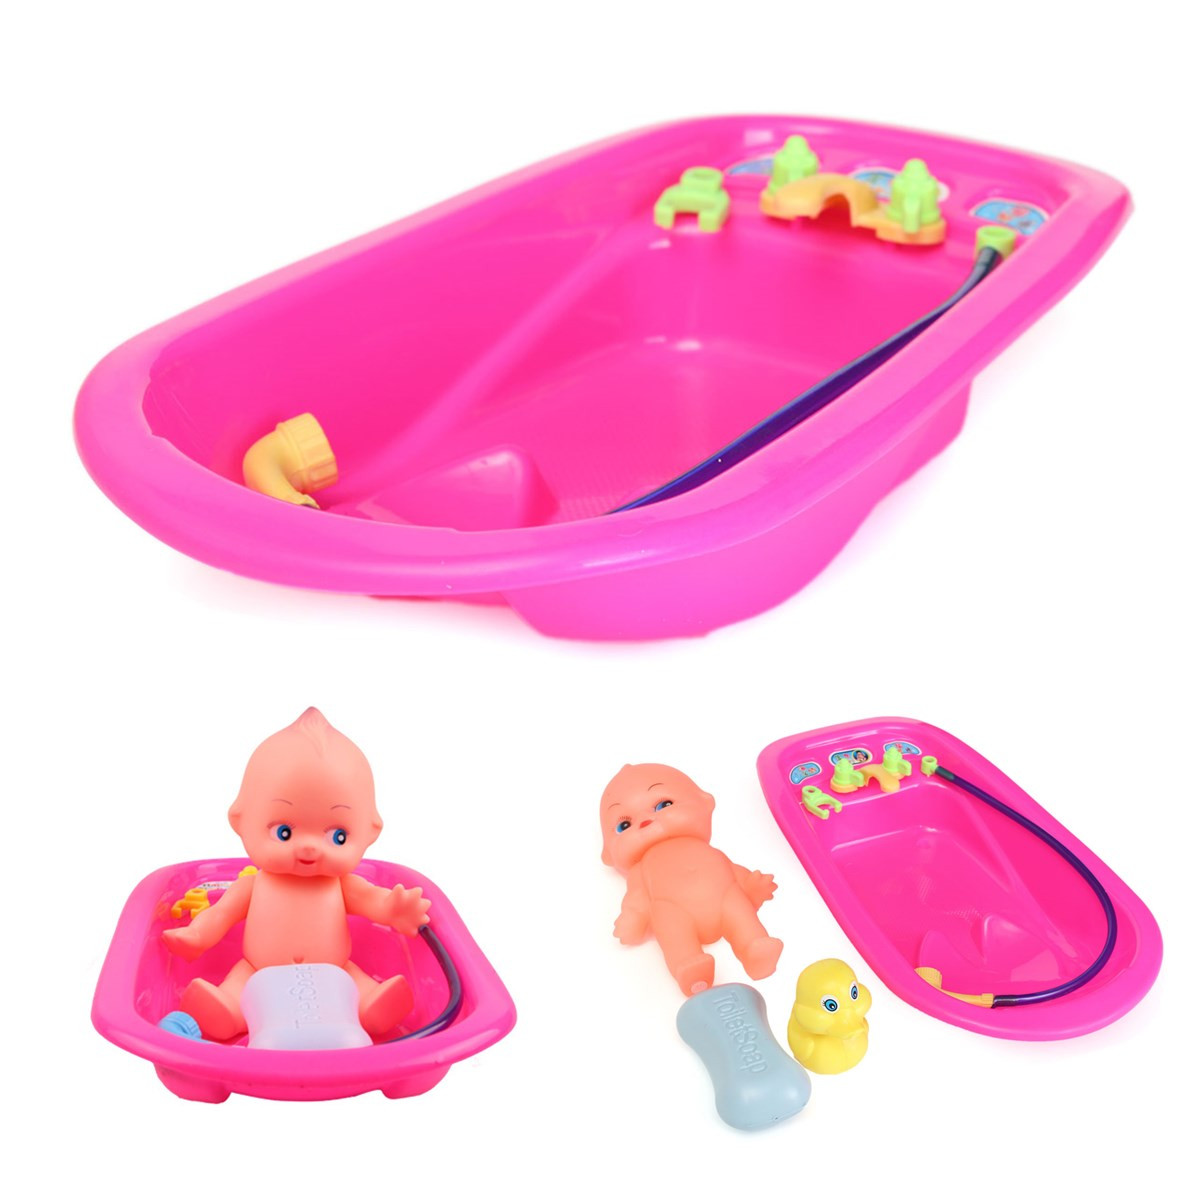 Baby Bath Tub Toys Web Sex Gallery